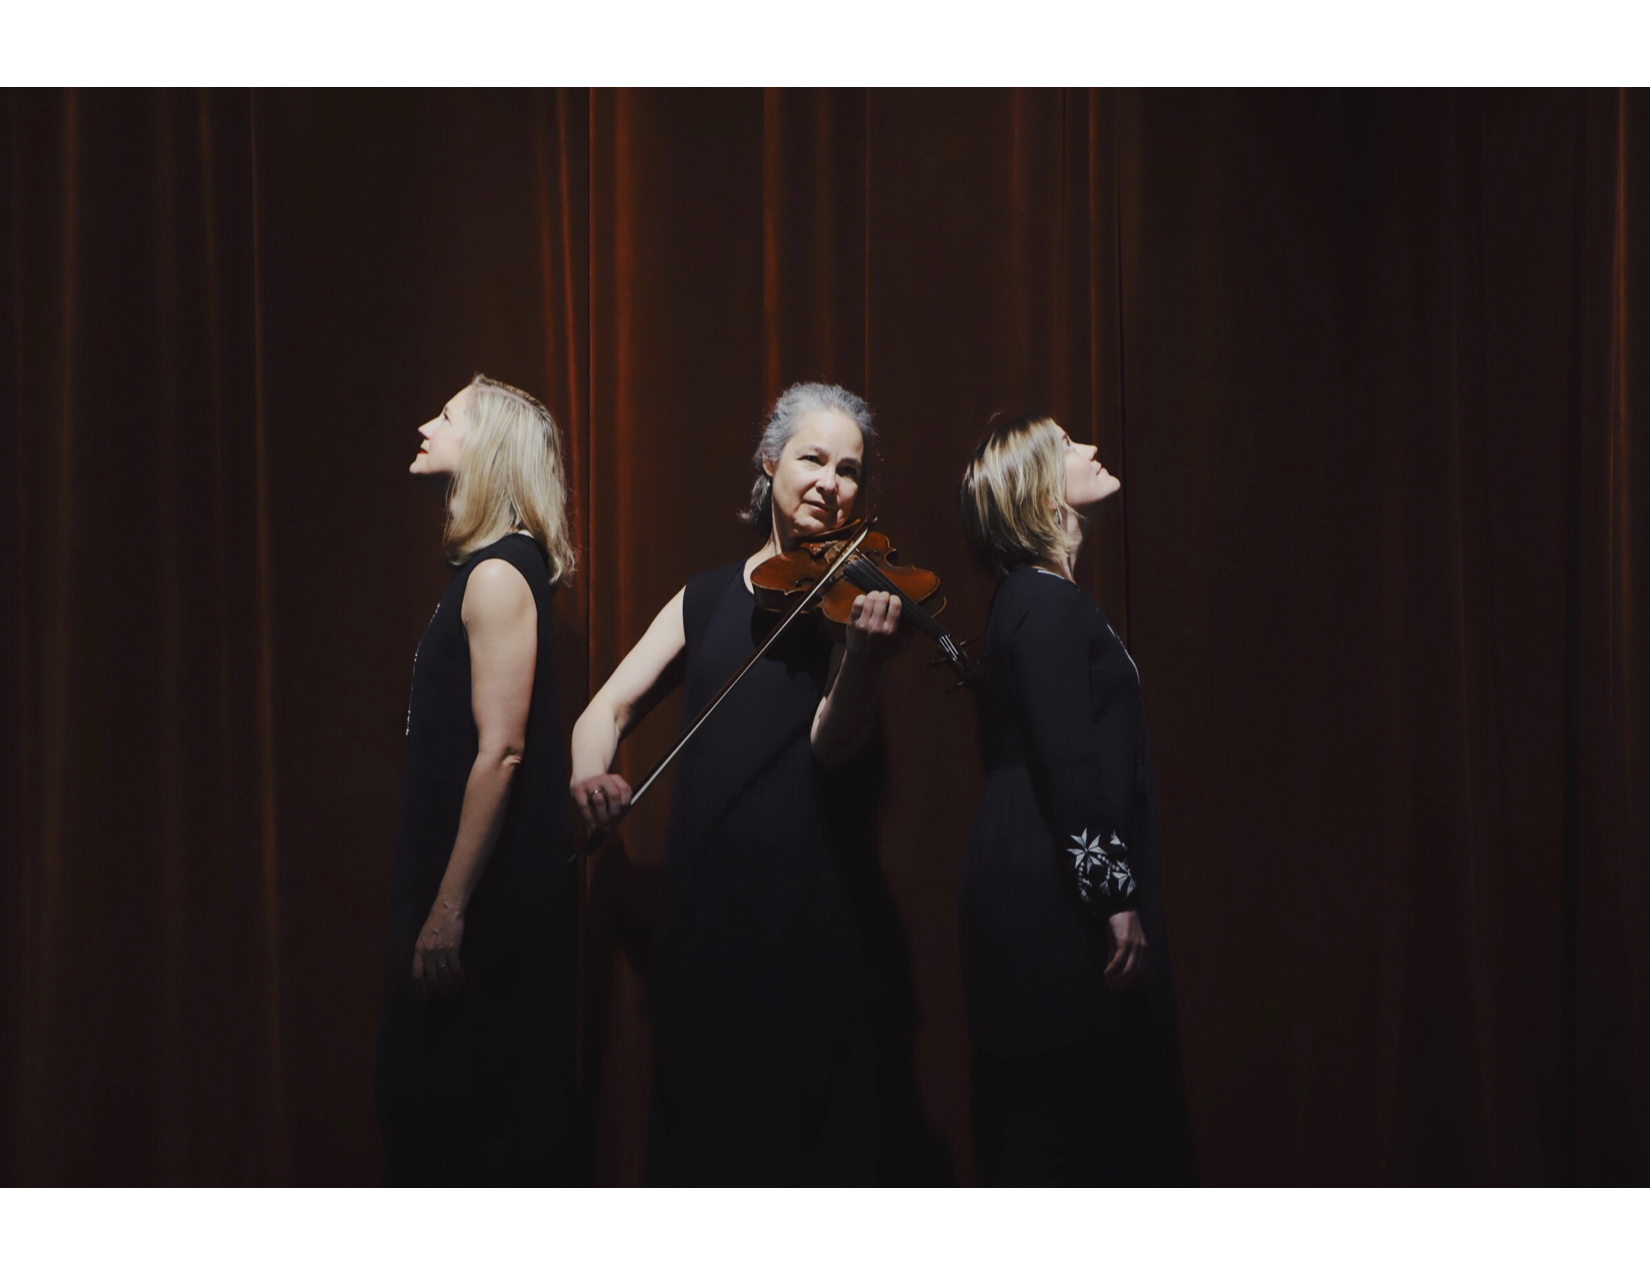 [The Blithewood Ensemble: Teresa Buchholz, voice, Erika Switzer, piano, and Marka Gustavsson, viola]